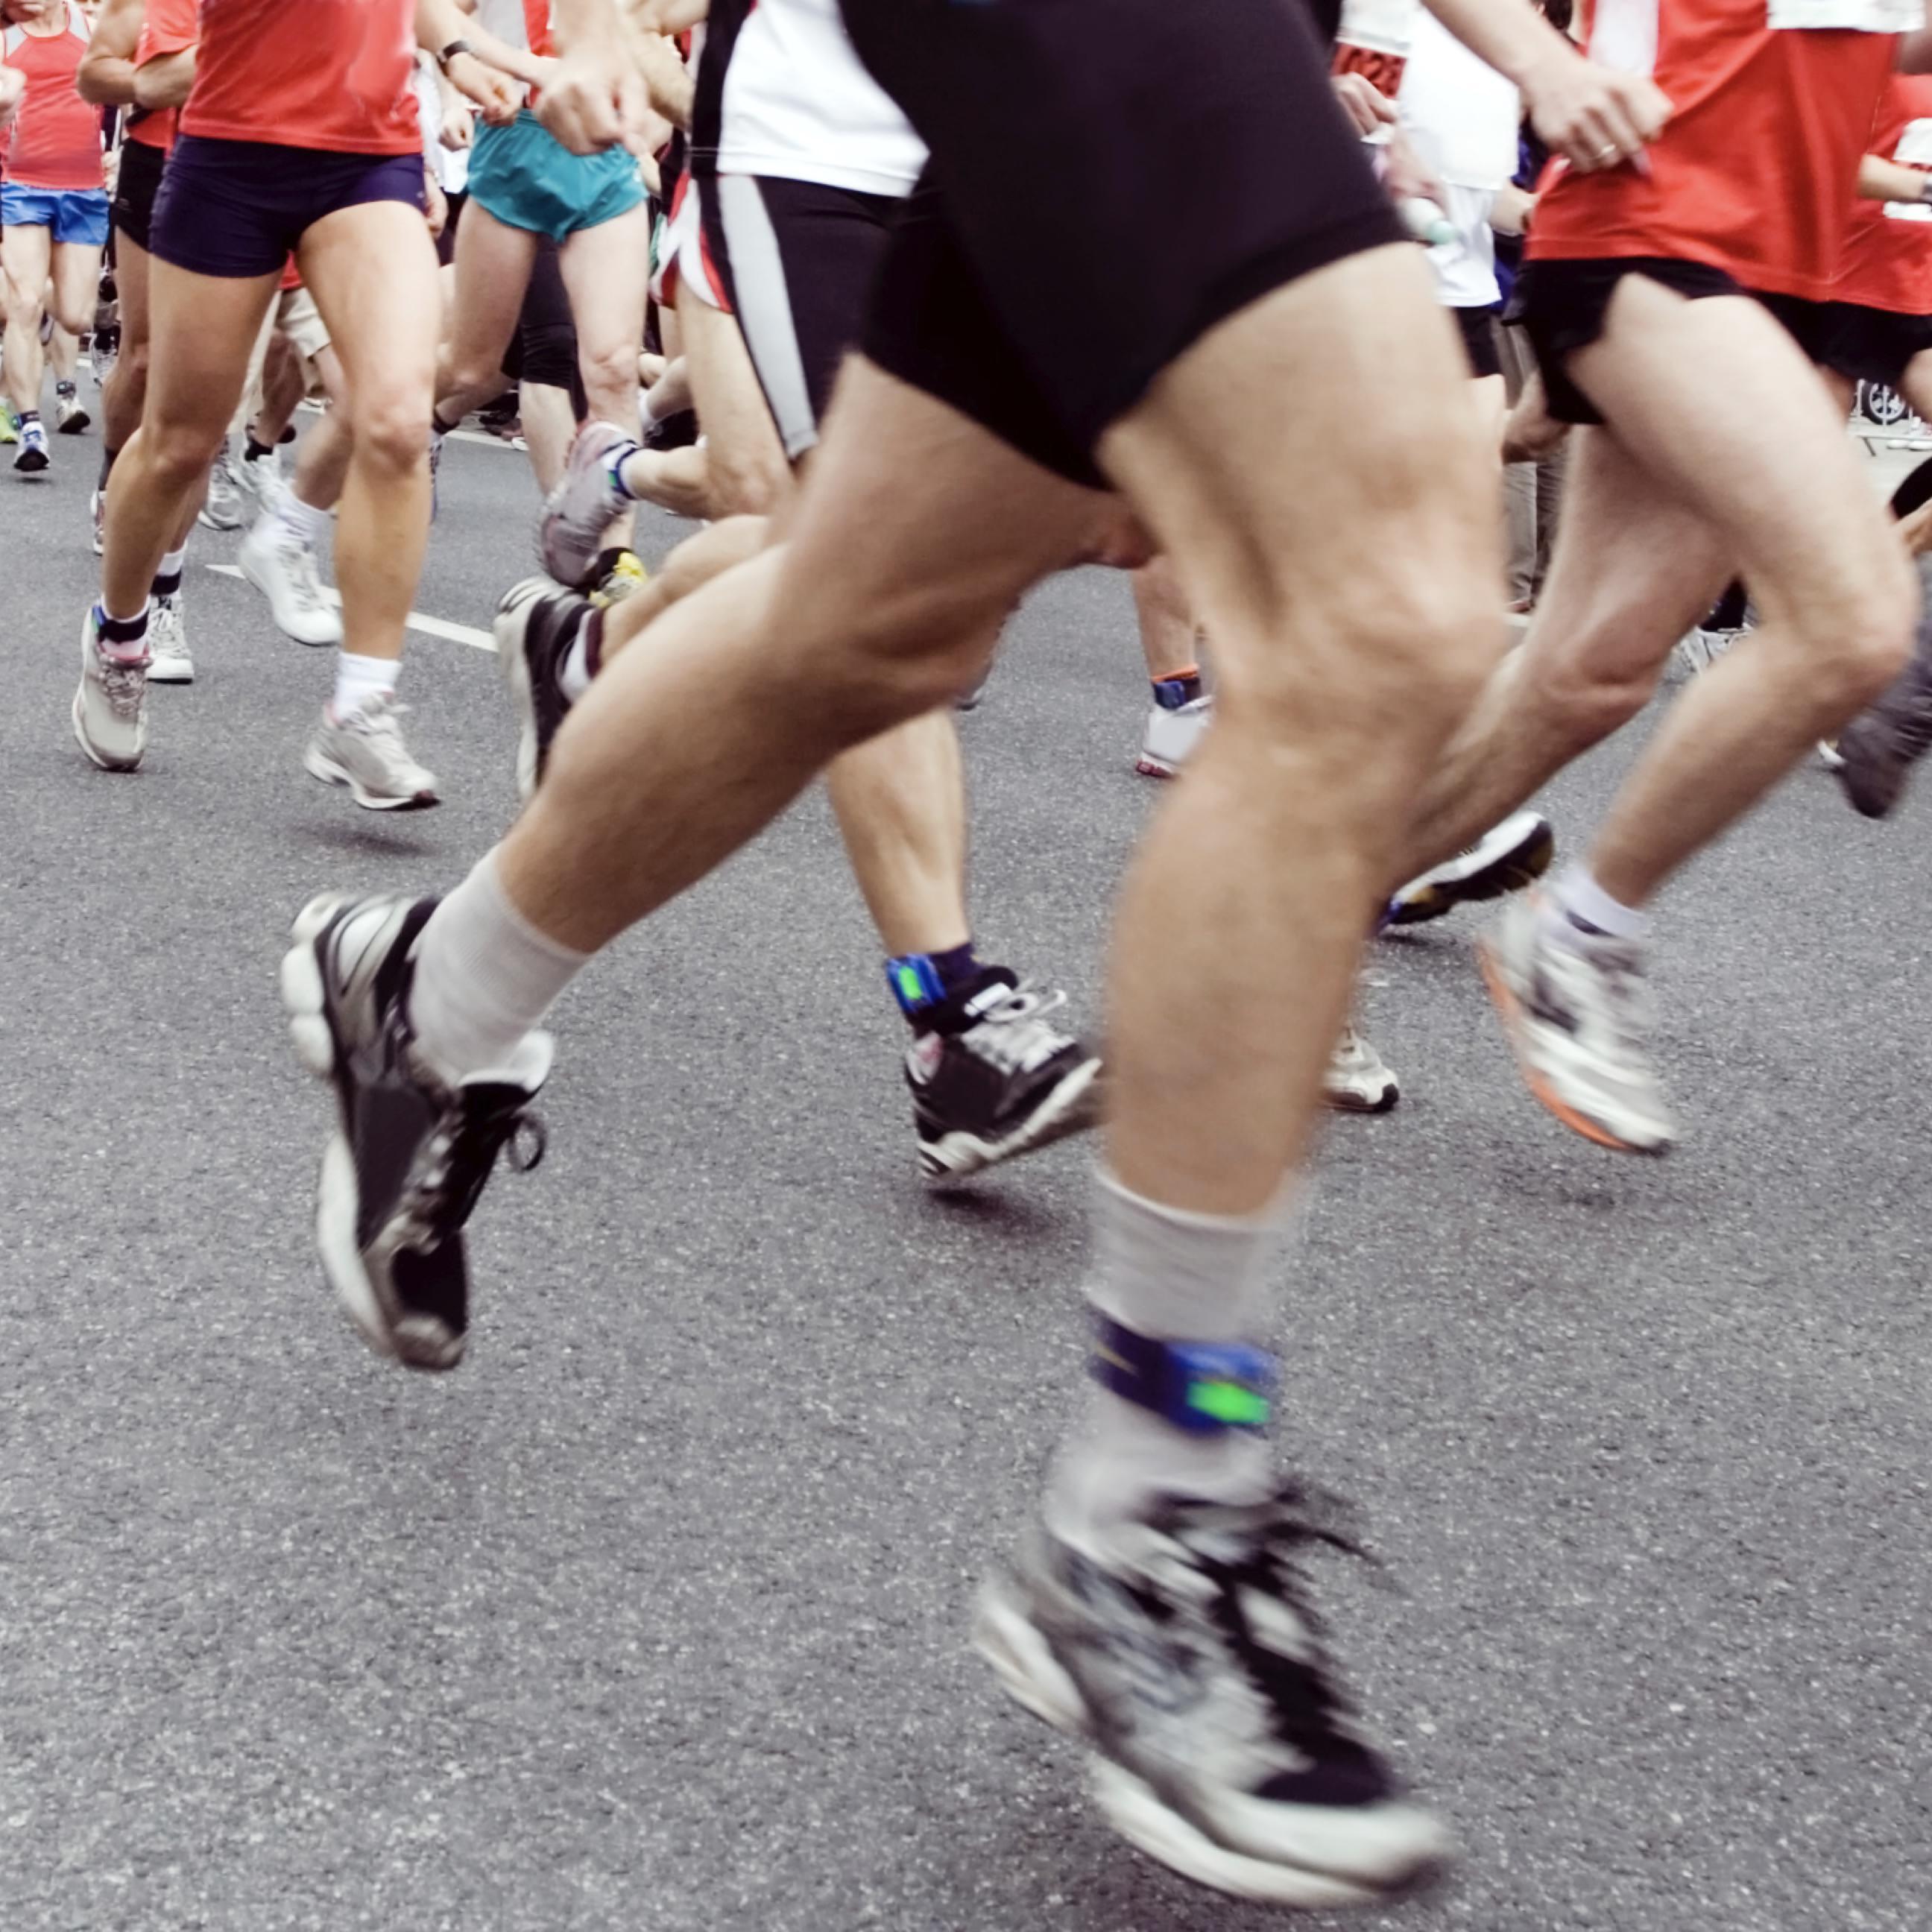 足マラソン靴 Wallpaper Sc Ipad壁紙